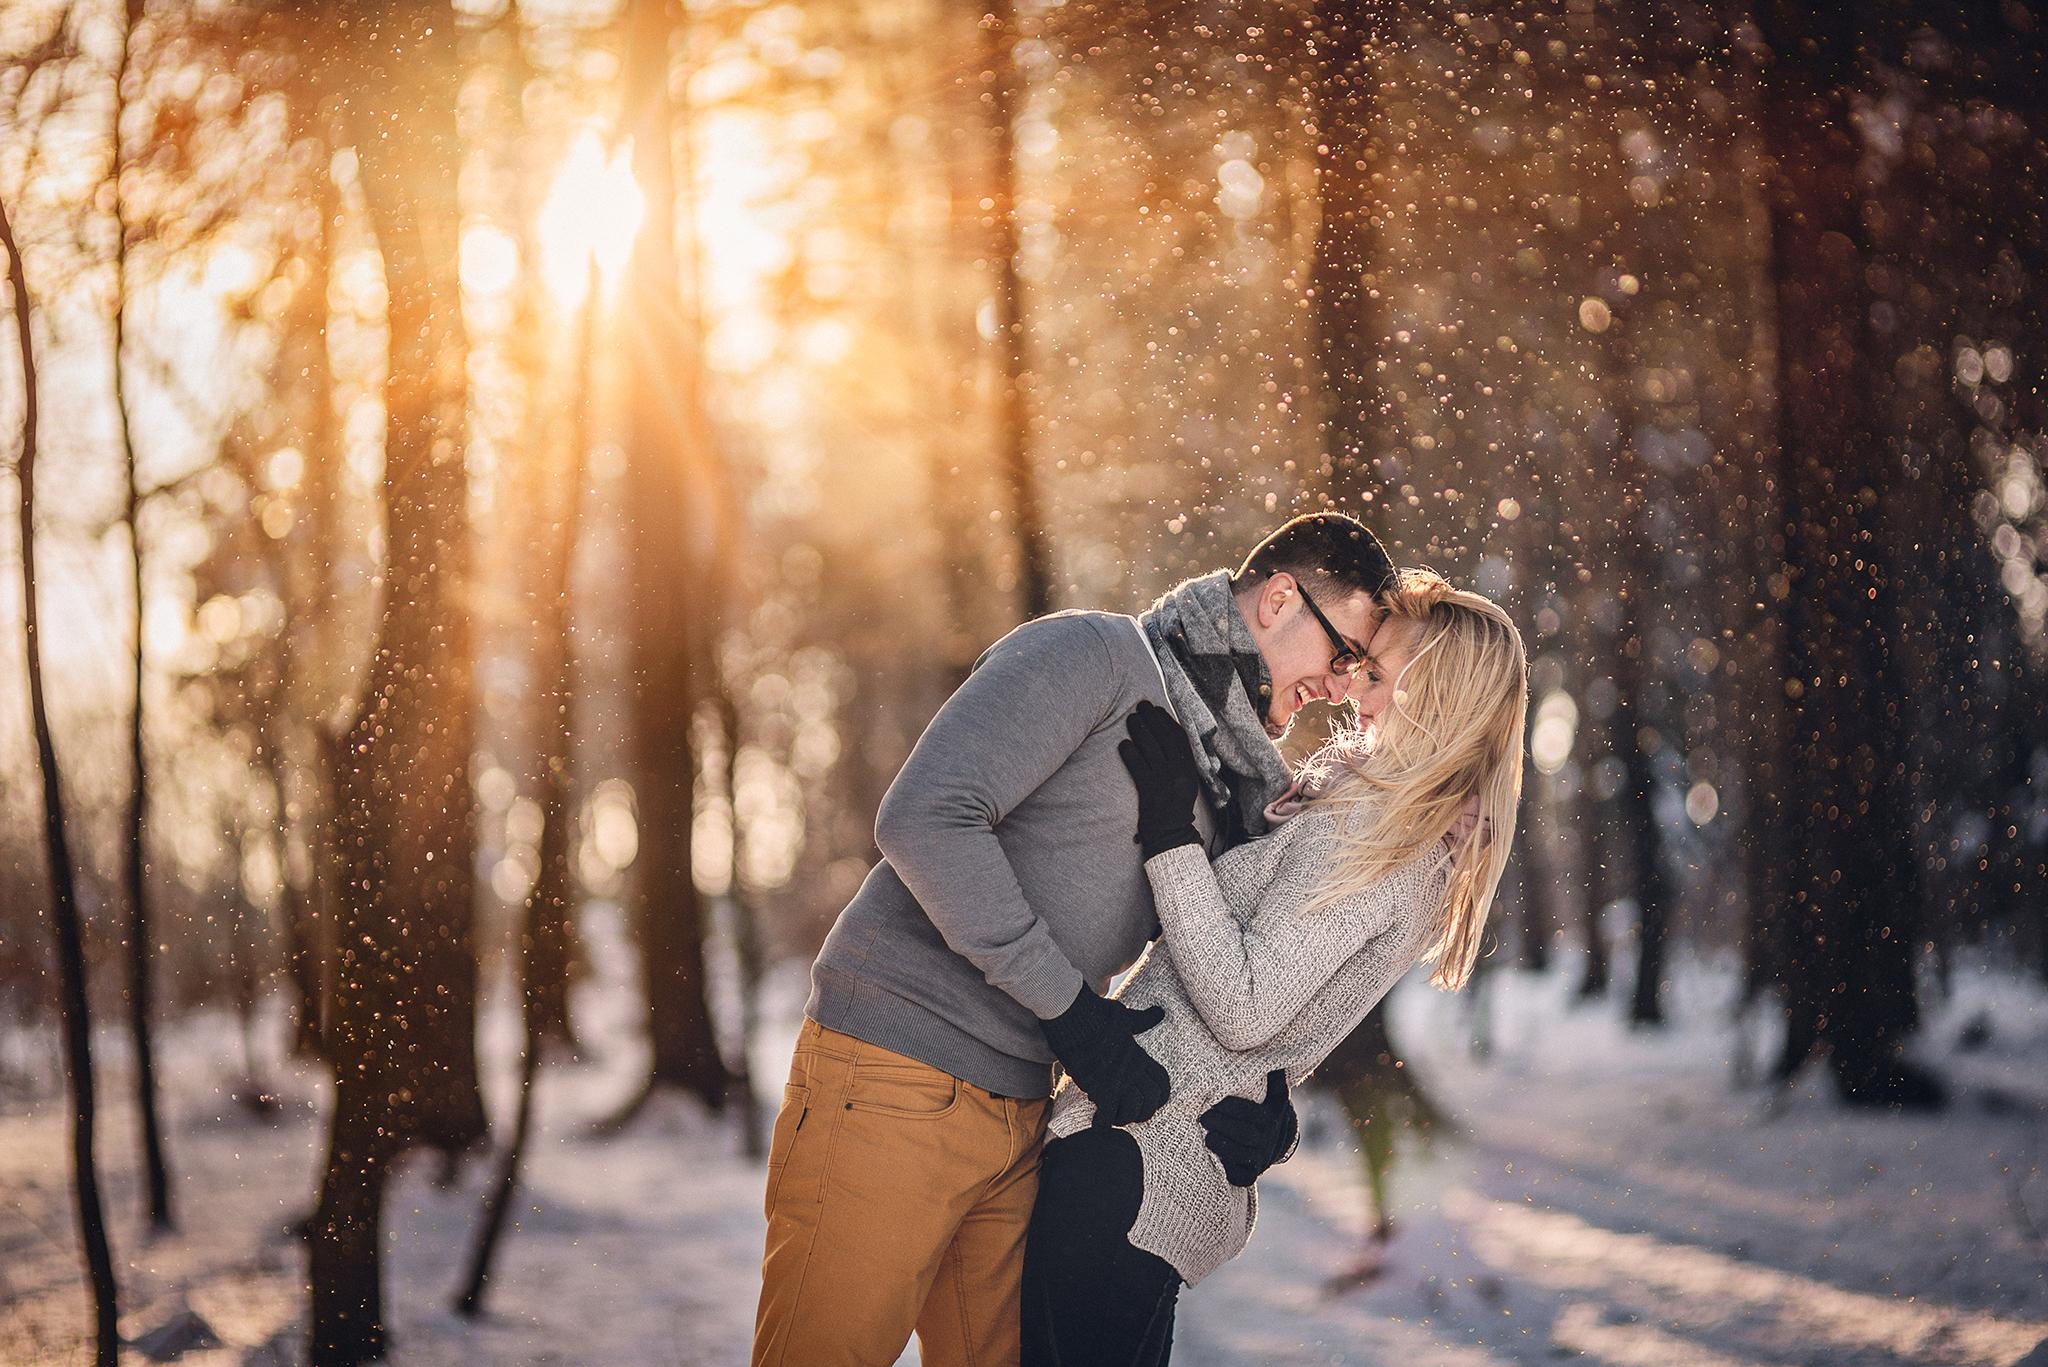 láska, príroda, love, les, západ slnka, sunset, romantika, úsmev, smile, radosť, zamilovaný pár, zima, sneh, winter